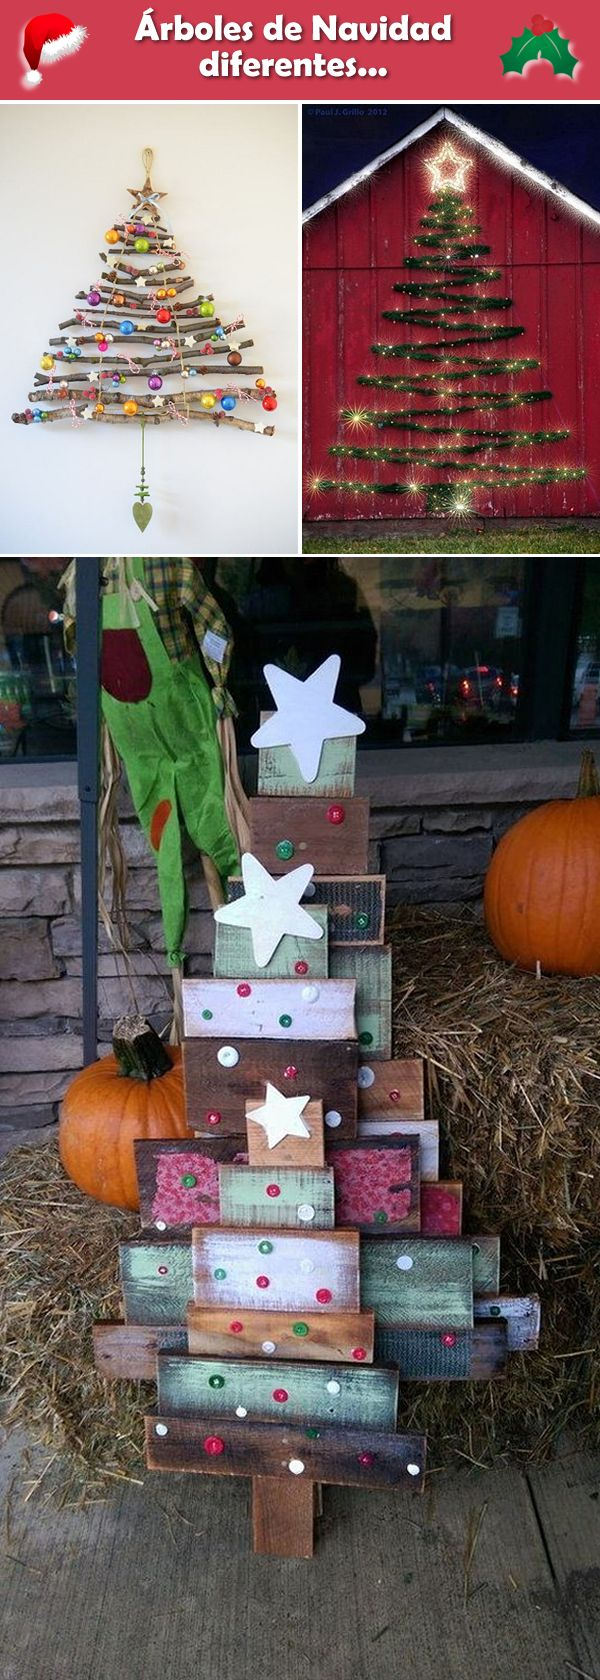 Árboles de Navidad alternativos. Ideas para árboles de Navidad diferentes.